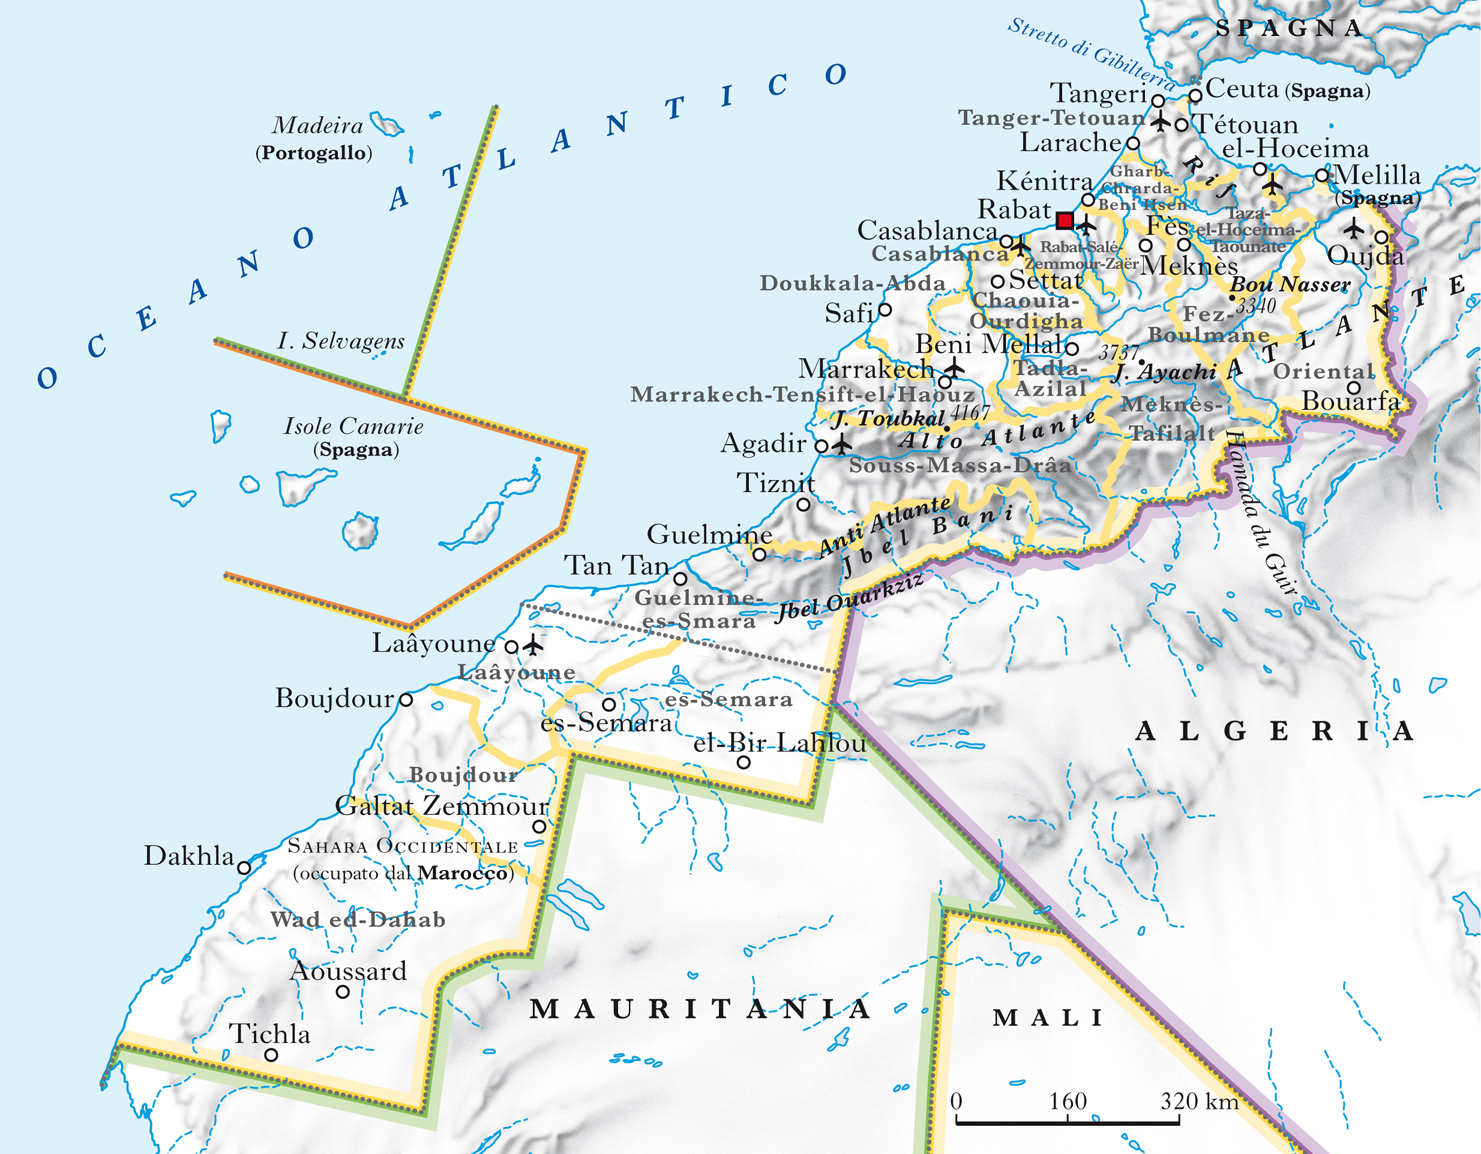 Cartina Geografica Fisica Del Marocco.Marocco Nell Enciclopedia Treccani